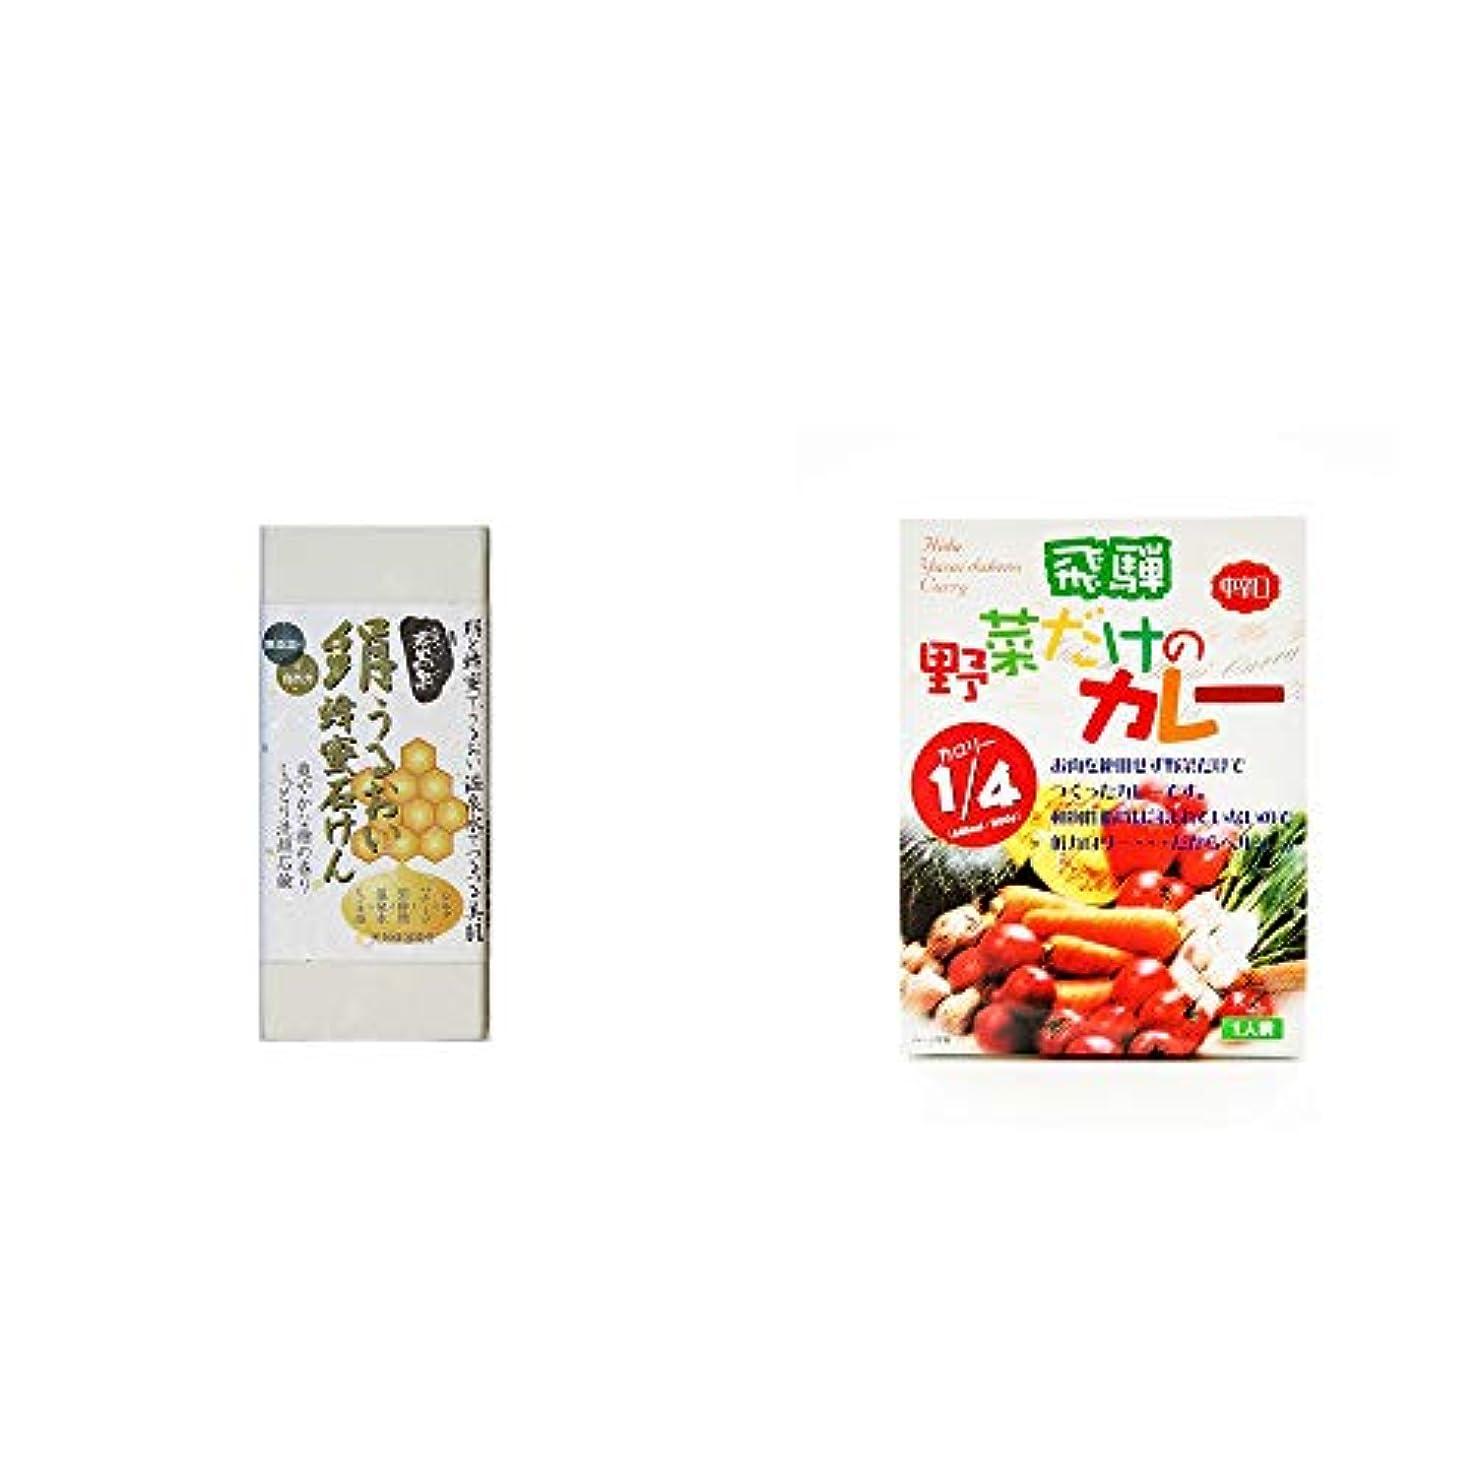 悪化させる箱に頼る[2点セット] ひのき炭黒泉 絹うるおい蜂蜜石けん(75g×2)?天領食品 野菜だけのカレー 【中辛口】 (1食分)